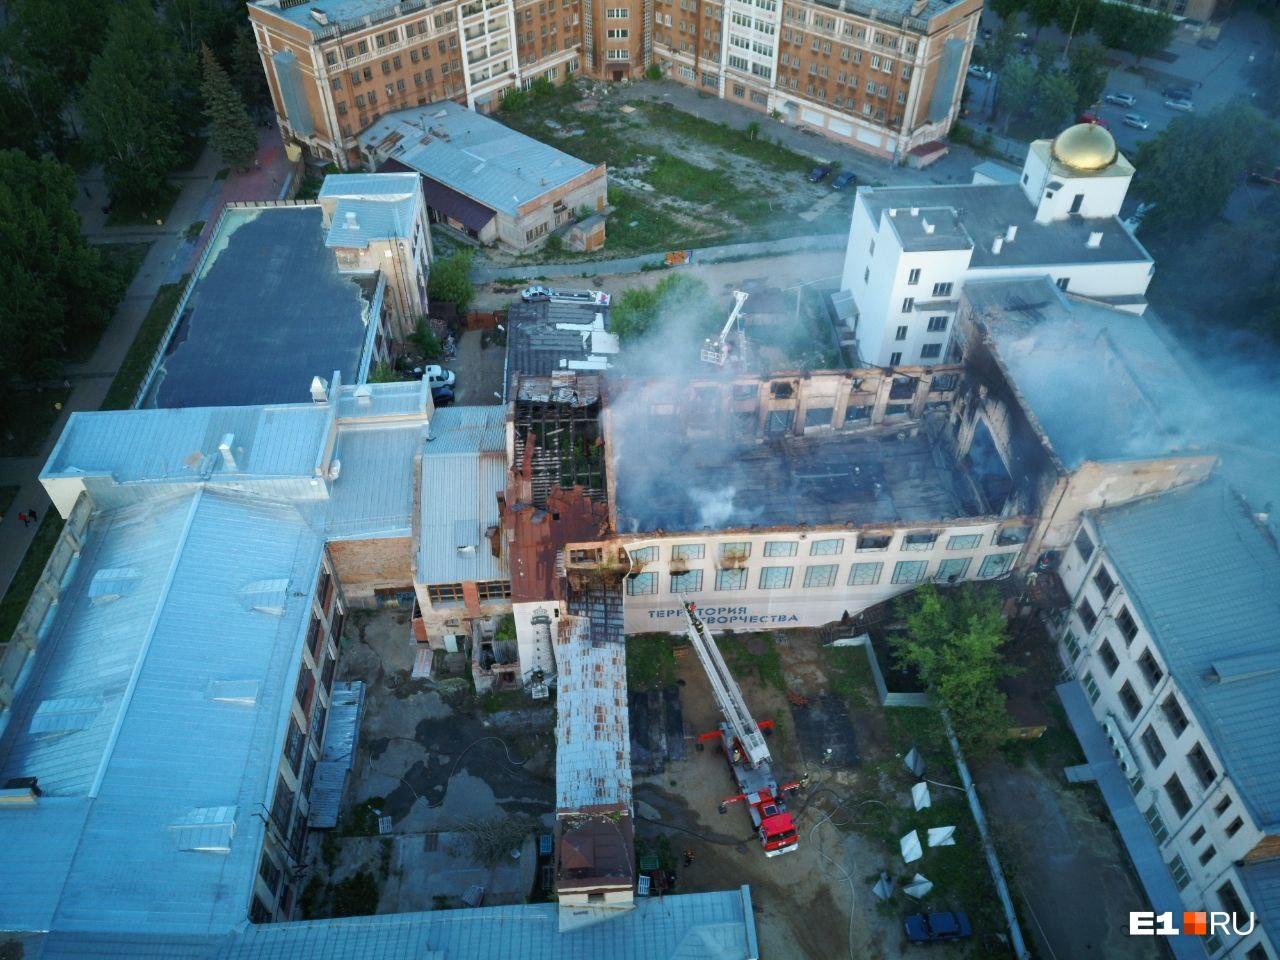 К моменту съемки пожарные уже сбили открытое пламя